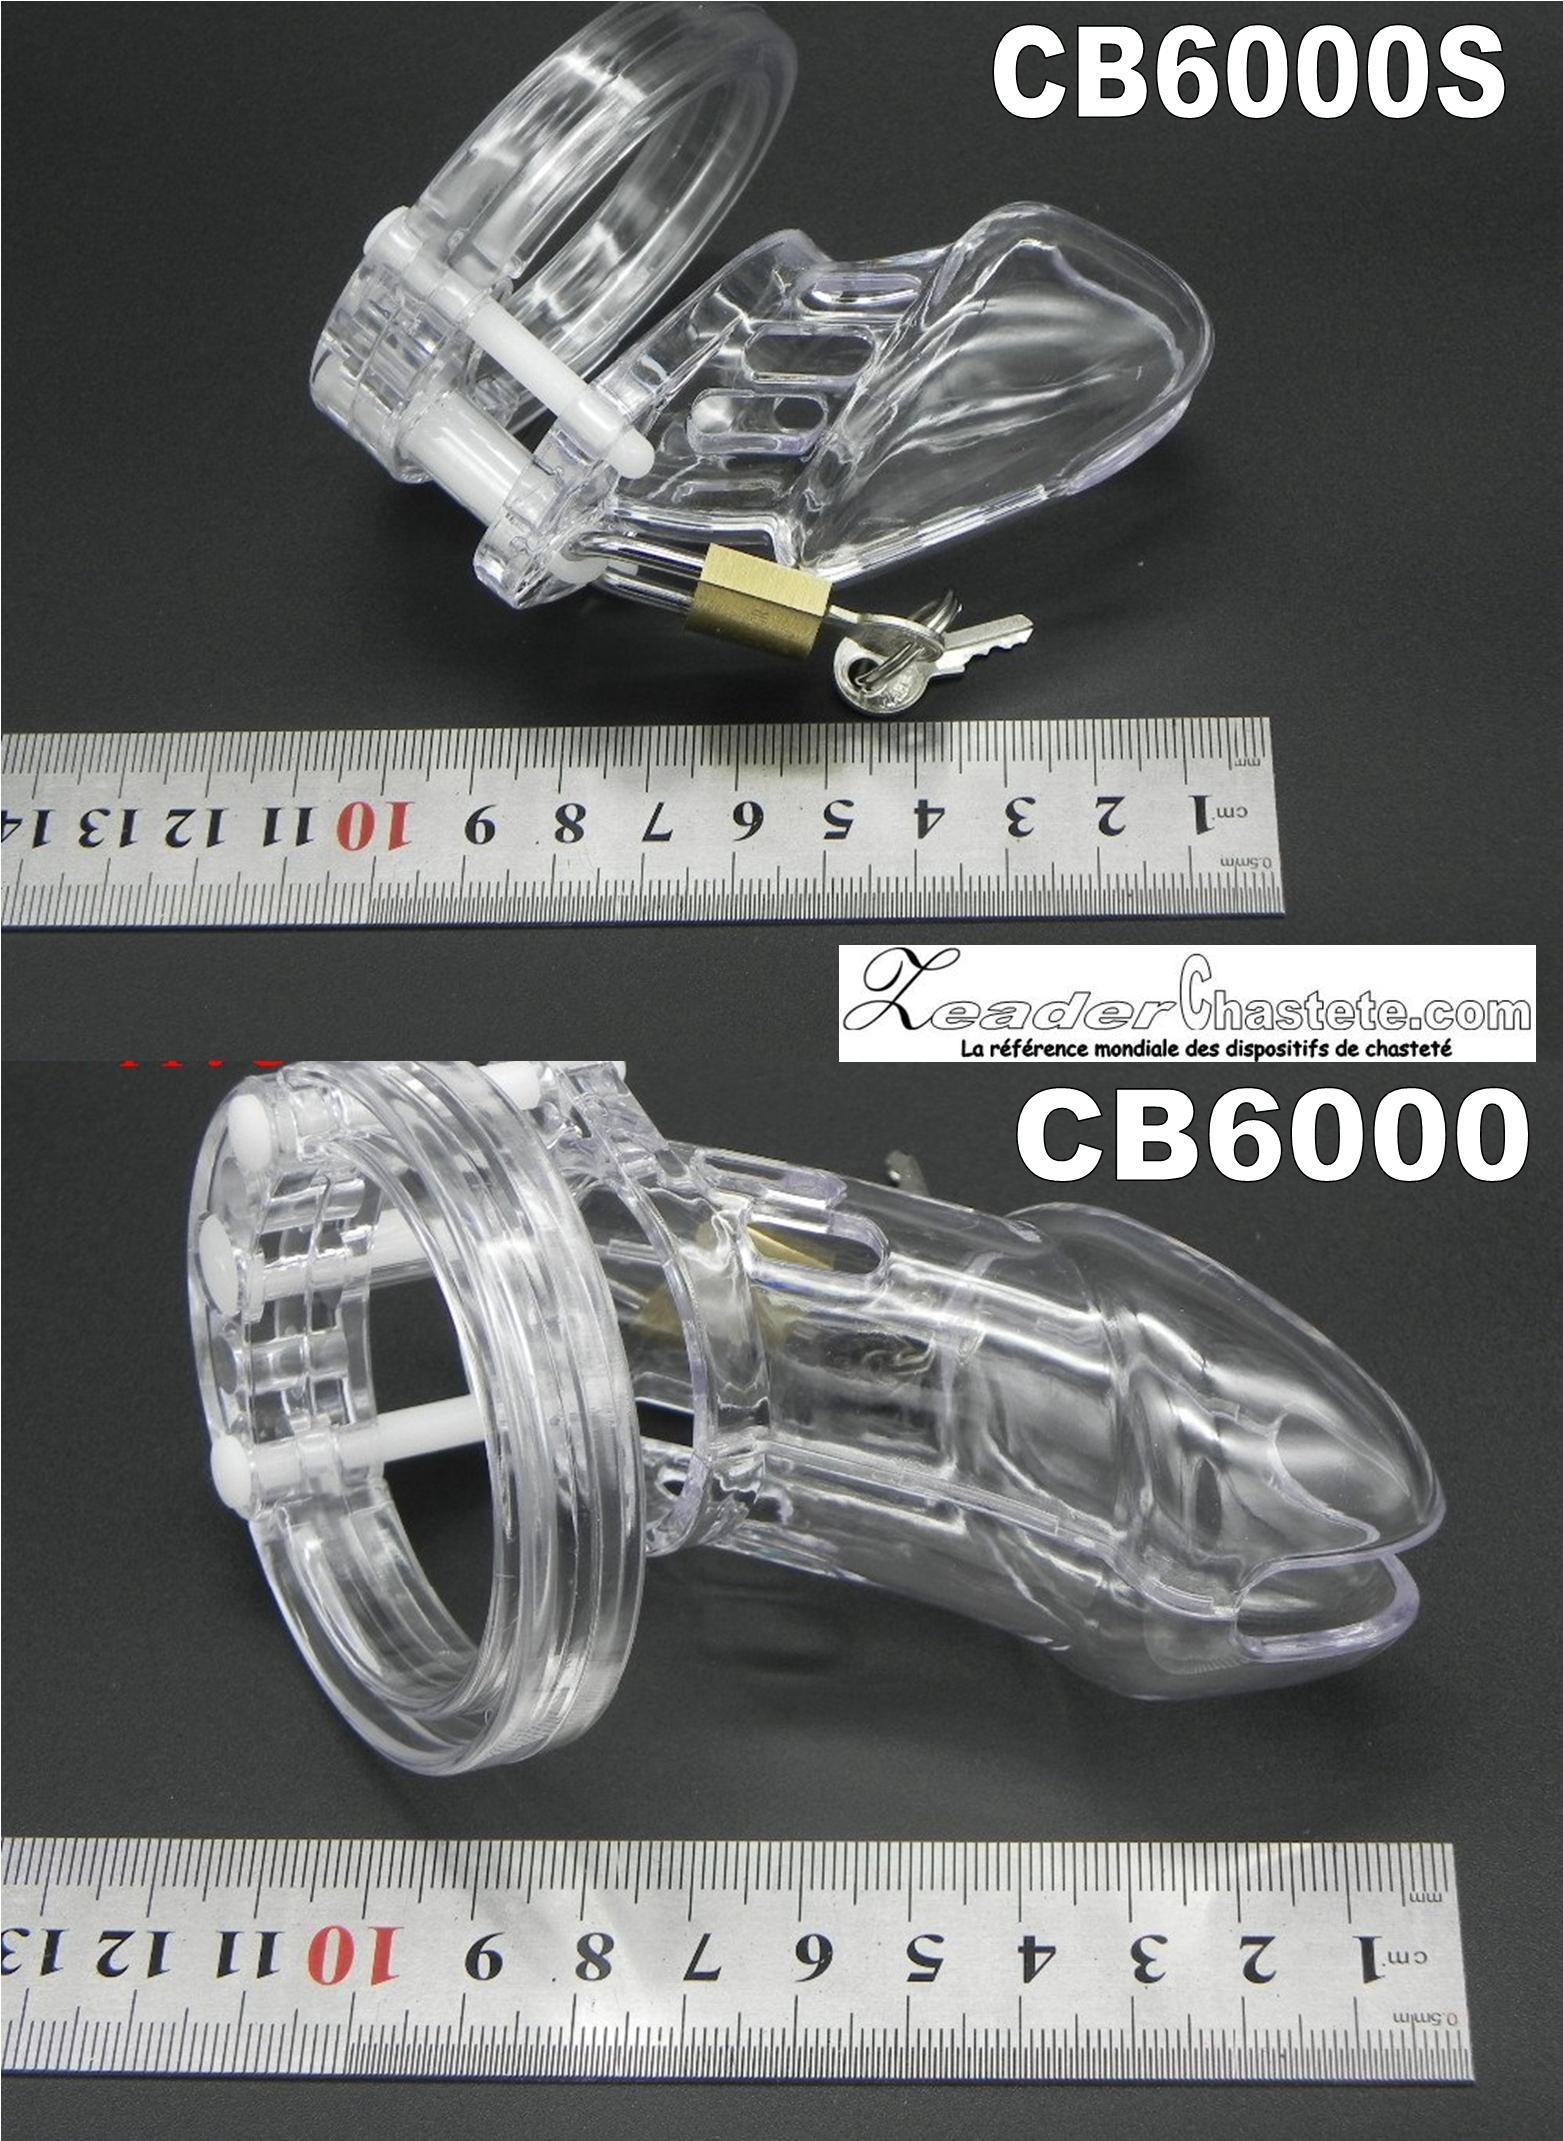 Comparatif des tailles entre la CB6000 et la CB6000S